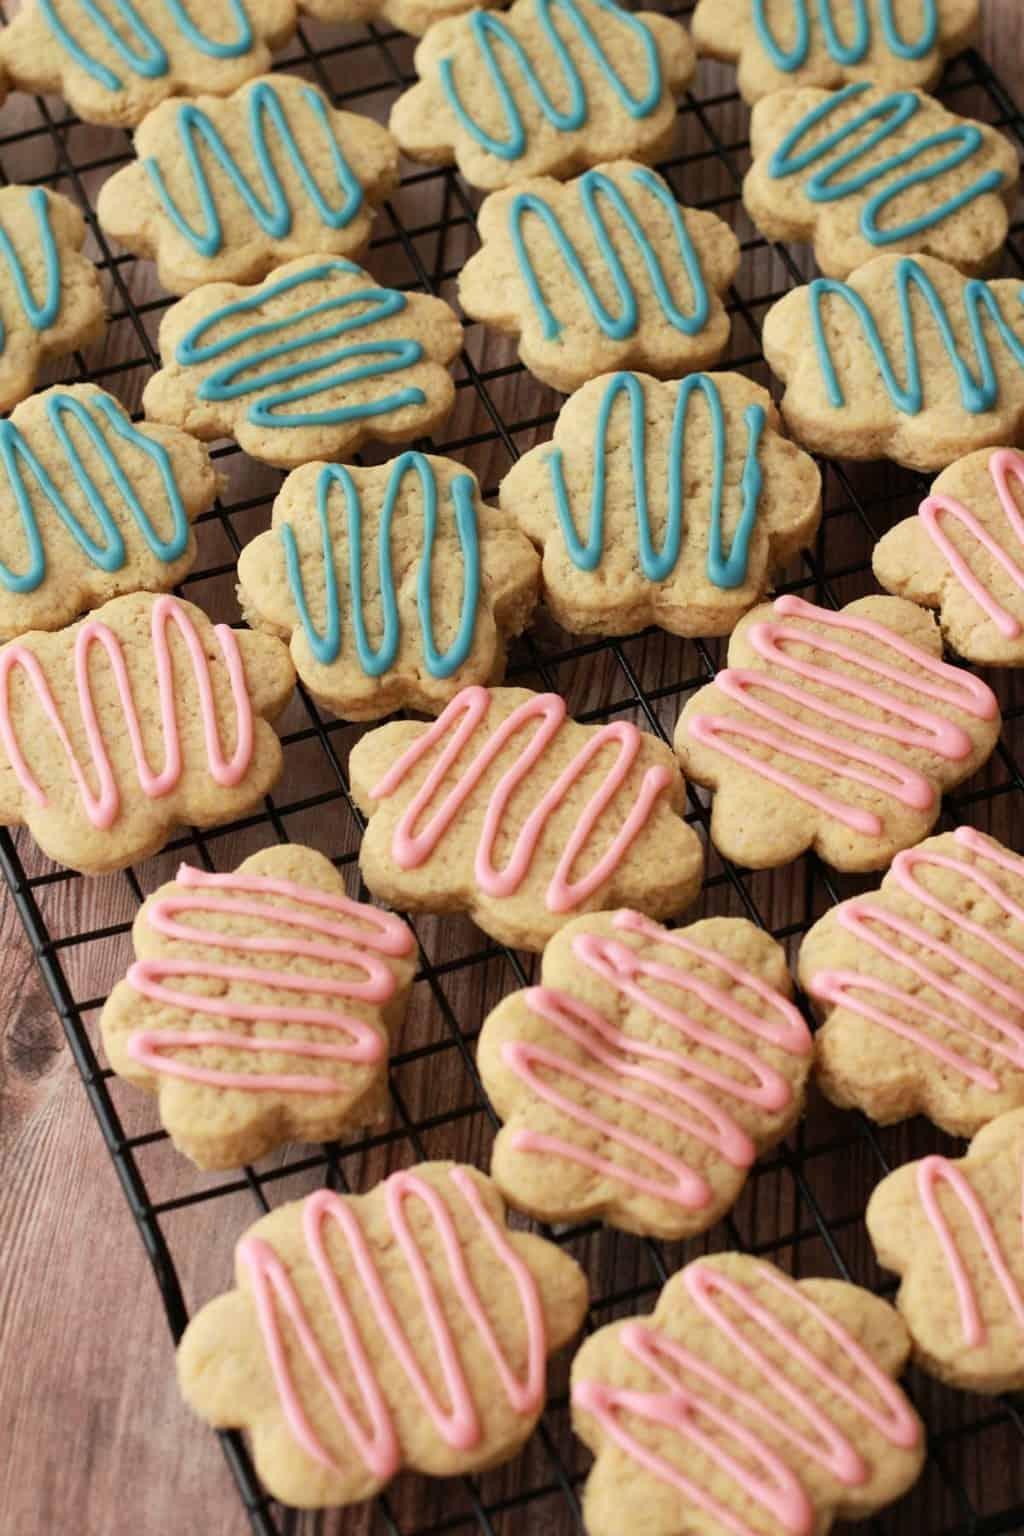 Super easy vegan sugar cookies. Perfect for any occasion! #vegan #lovingitvegan #dessert #cookies #sugarcookies